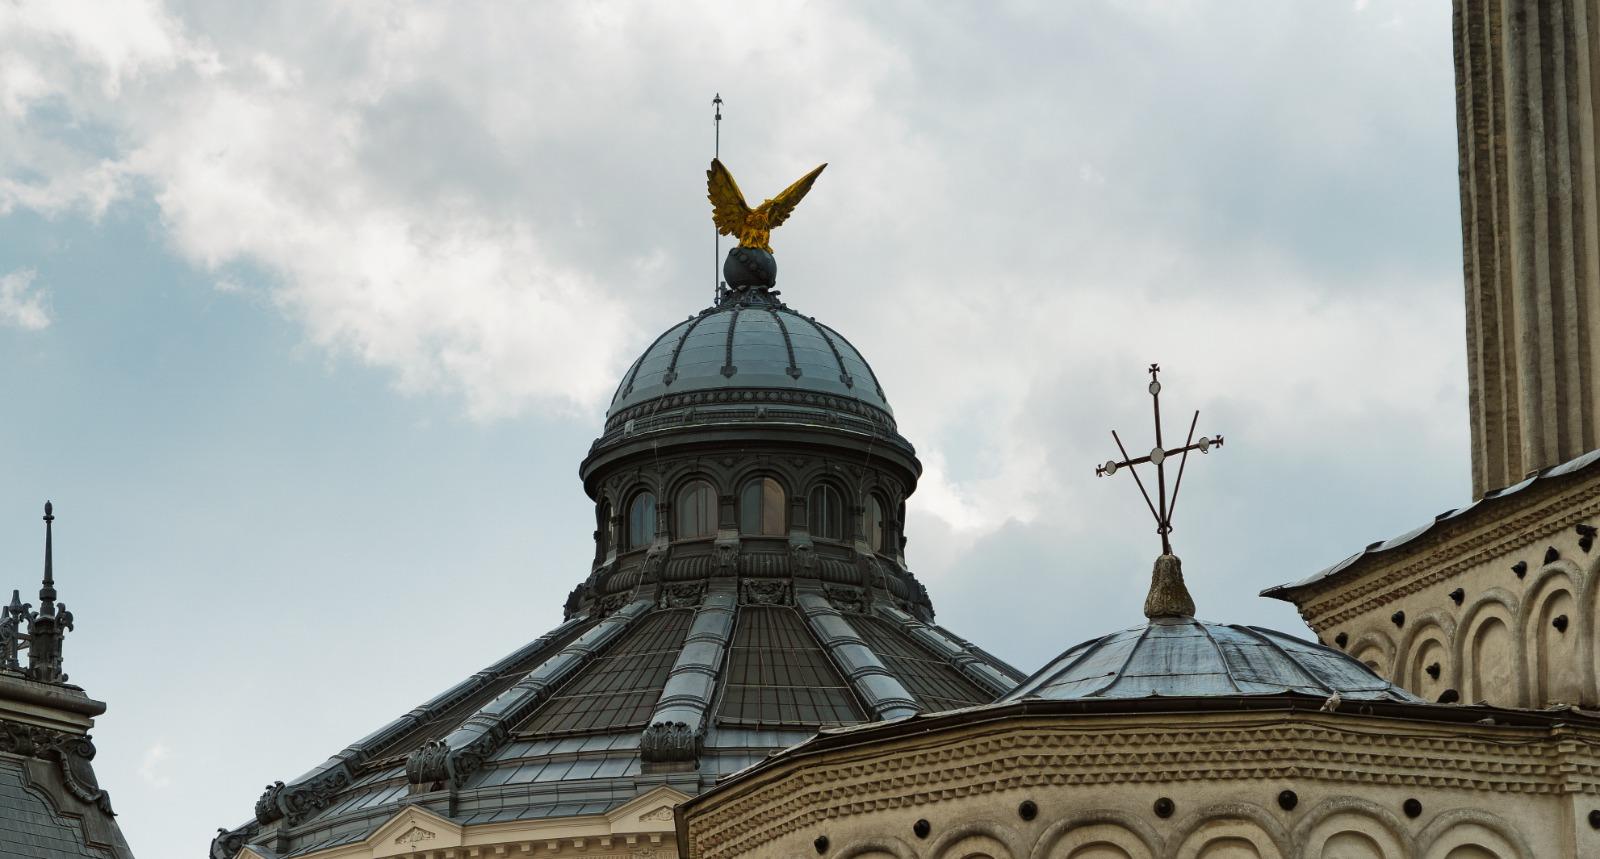 Propunere USR: Fondurile publice pentru culte, alocate după proceduri identice celor utilizate în acordarea de fonduri europene